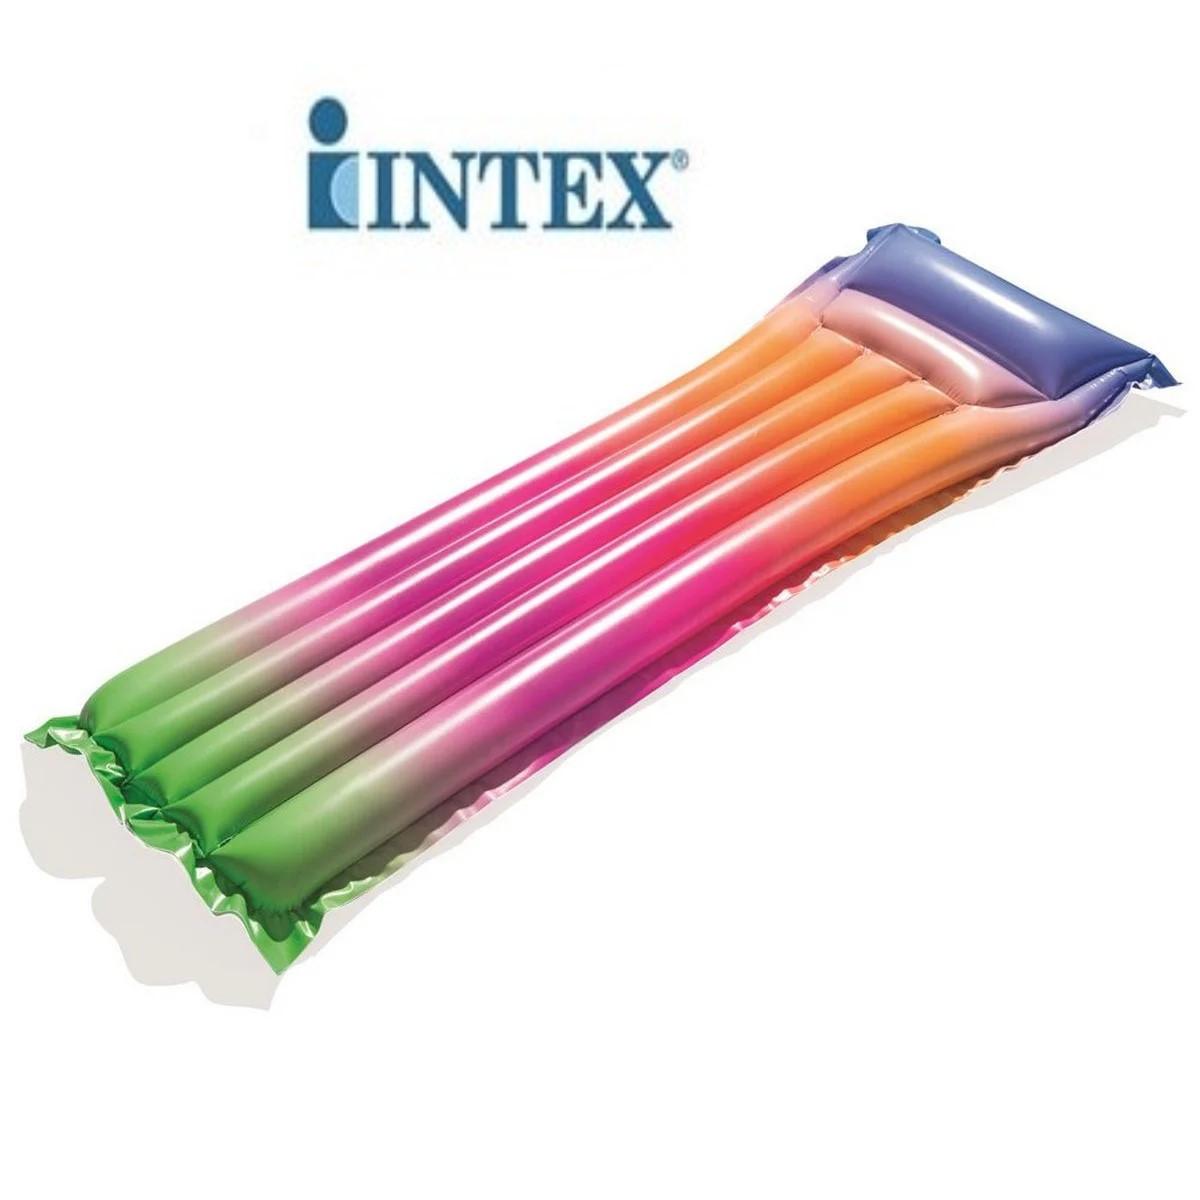 Пляжный одинарный надувной матрас для плаванья Радуга INTEX 44041